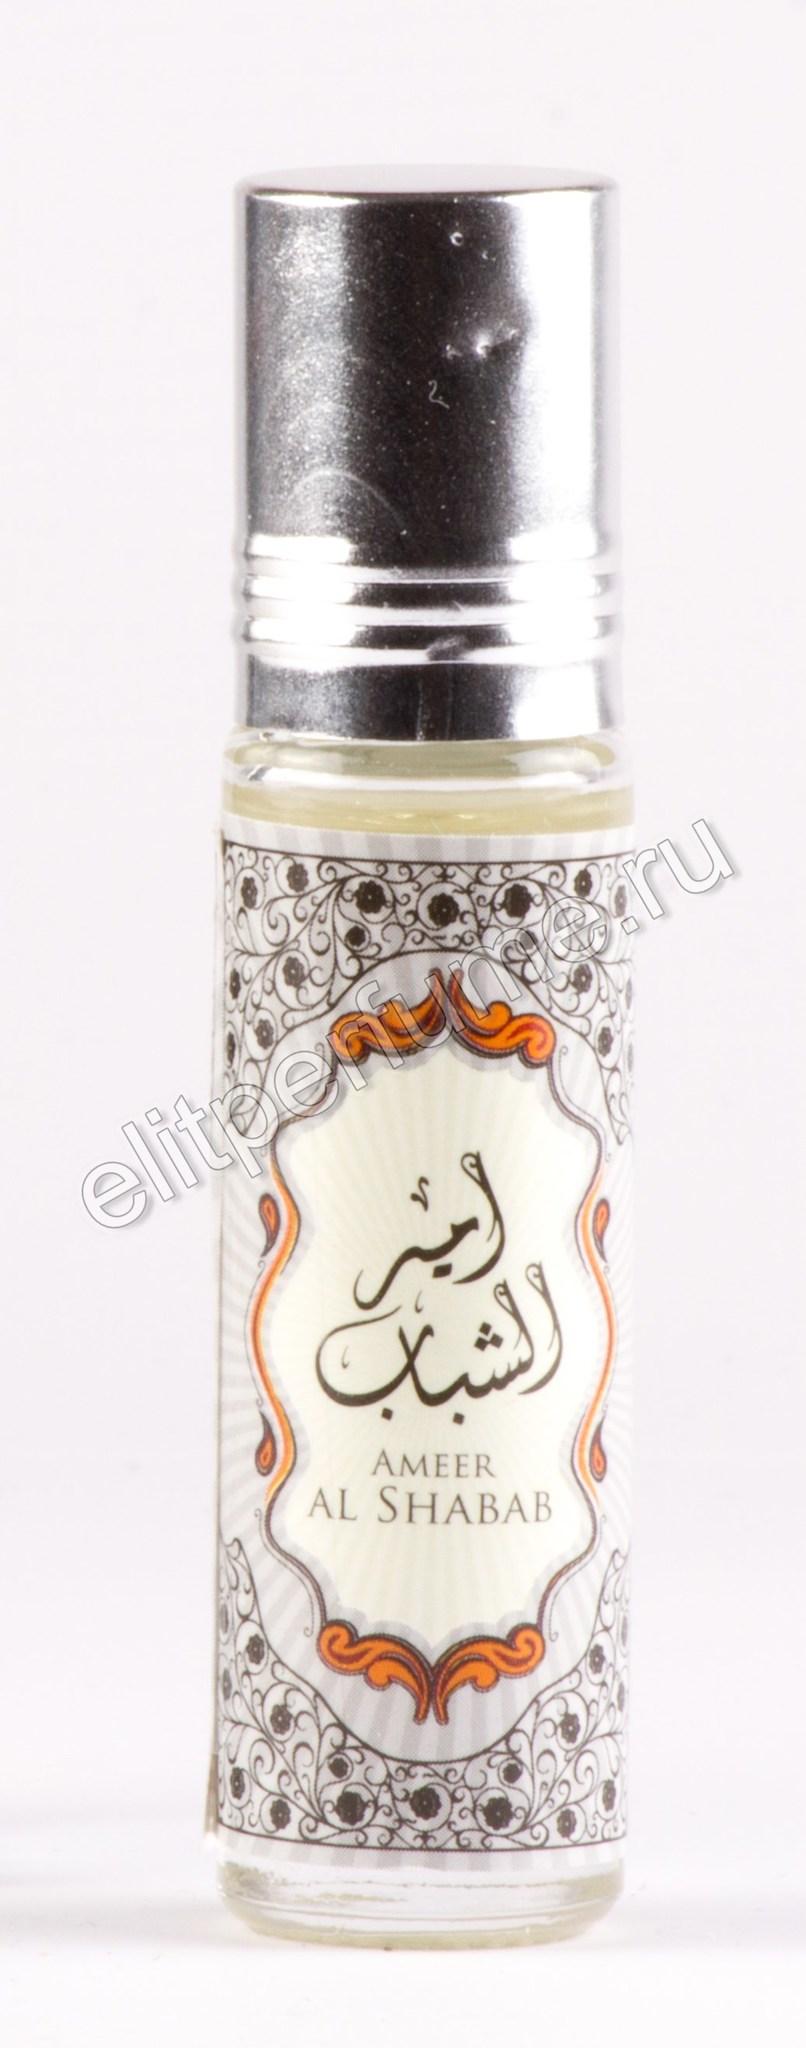 Ameer al Shabab Амир аль Шабаб 10 ml арабские масляные духи от Ард Аль Заафаран Ard Al Zaafaran